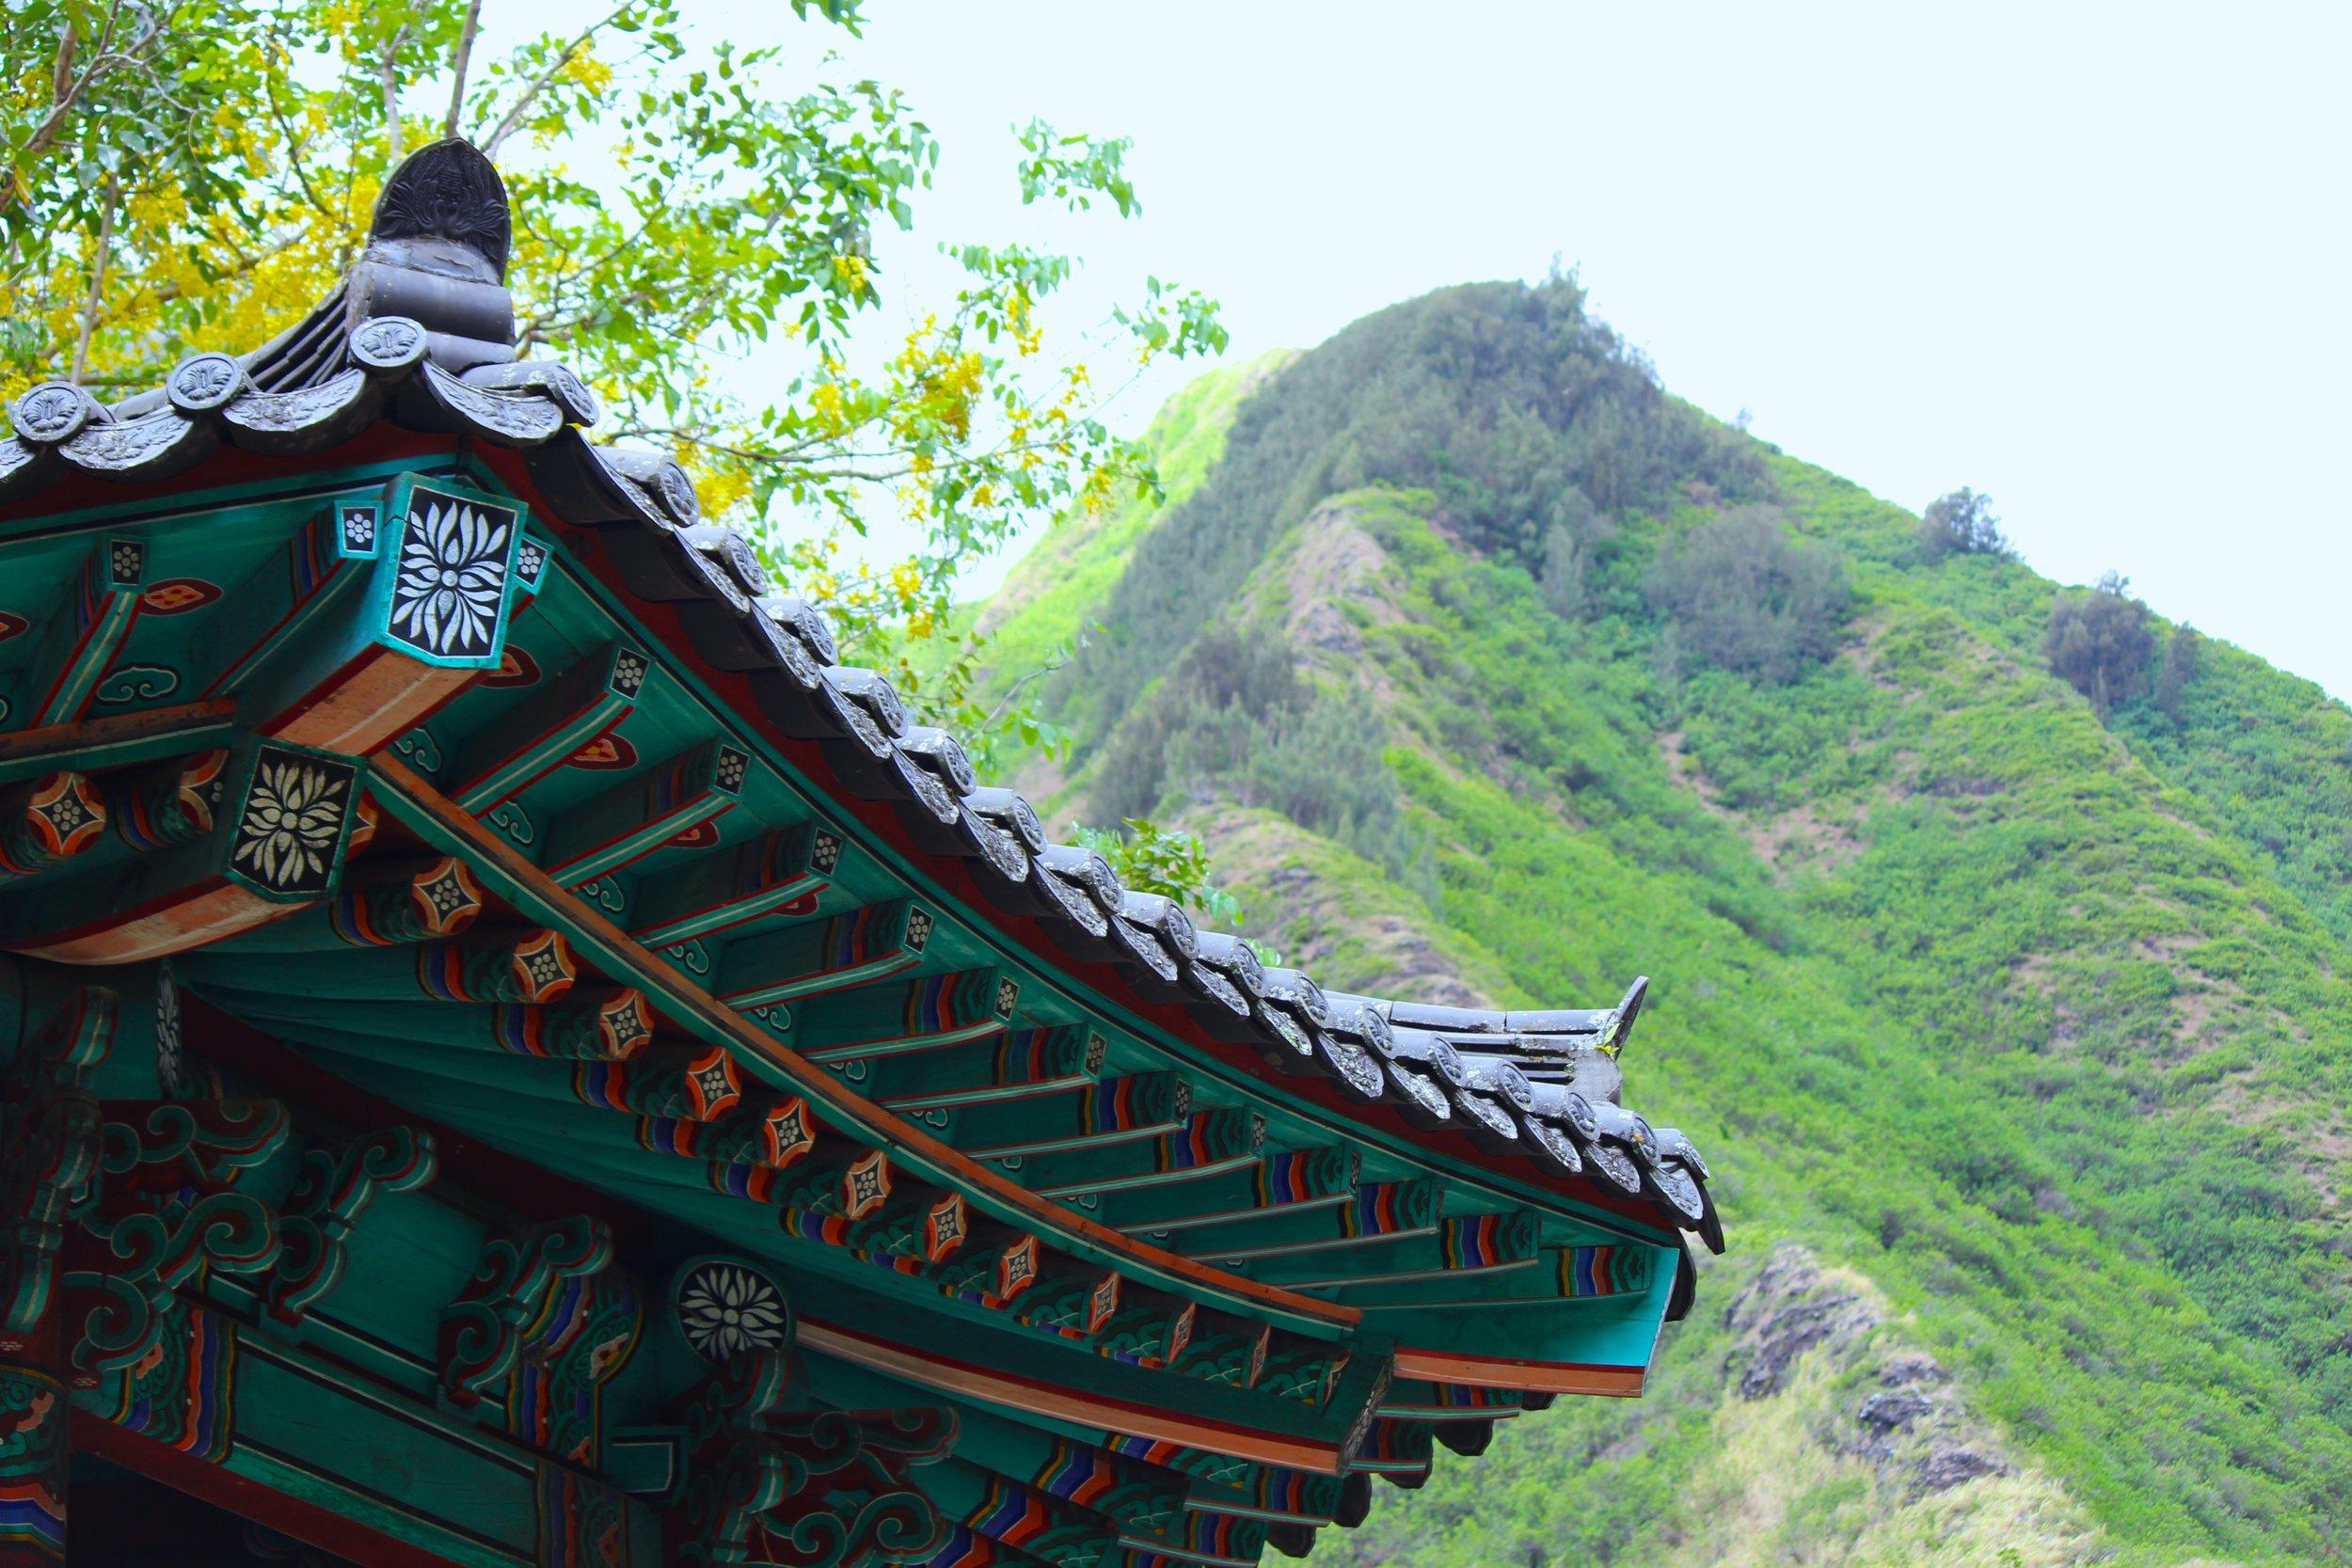 The Korean Pagoda and Iao Valley Needle, Maui